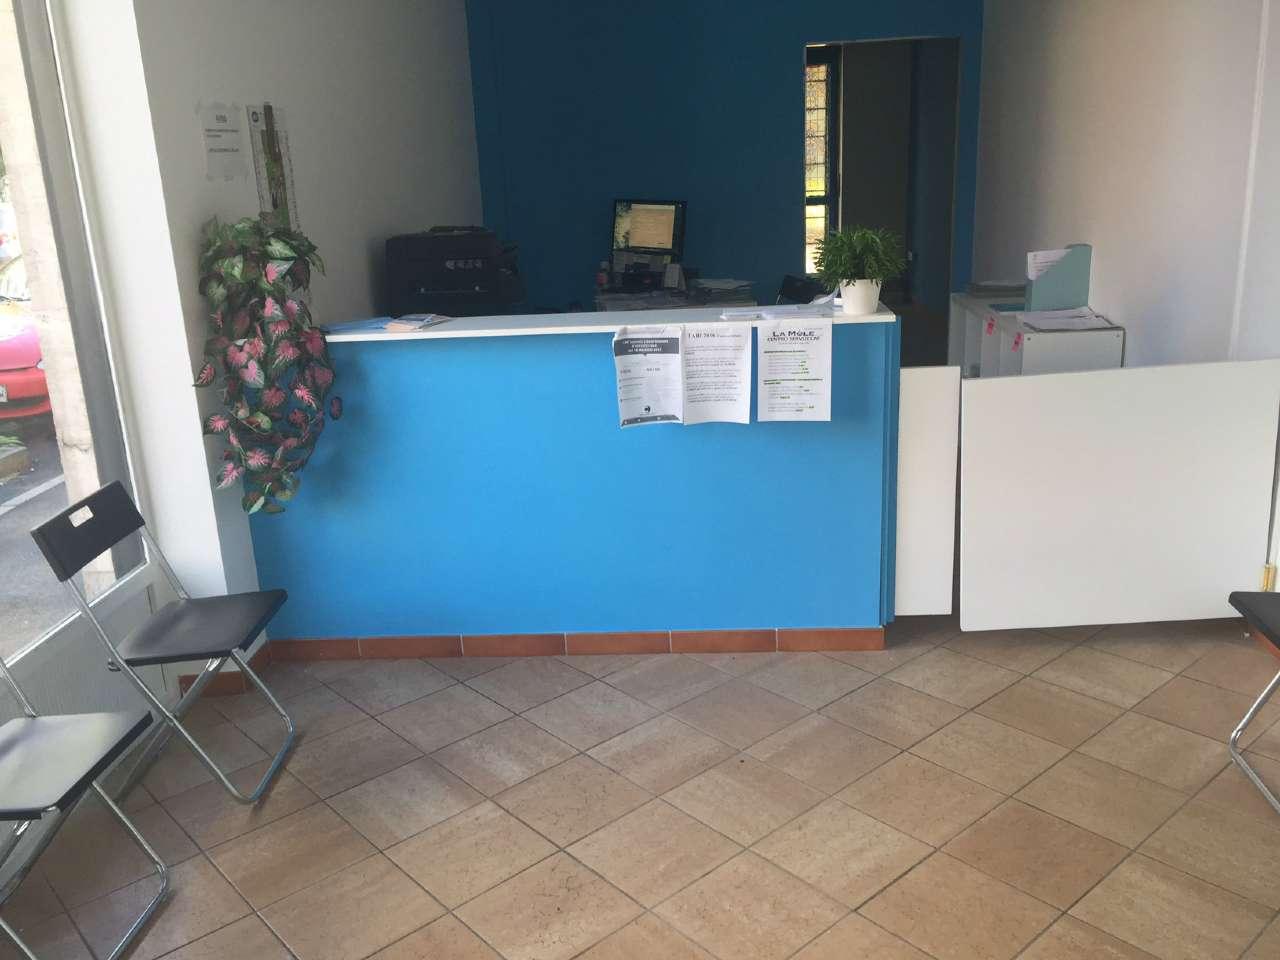 Negozio / Locale in affitto a Collegno, 2 locali, prezzo € 320 | CambioCasa.it